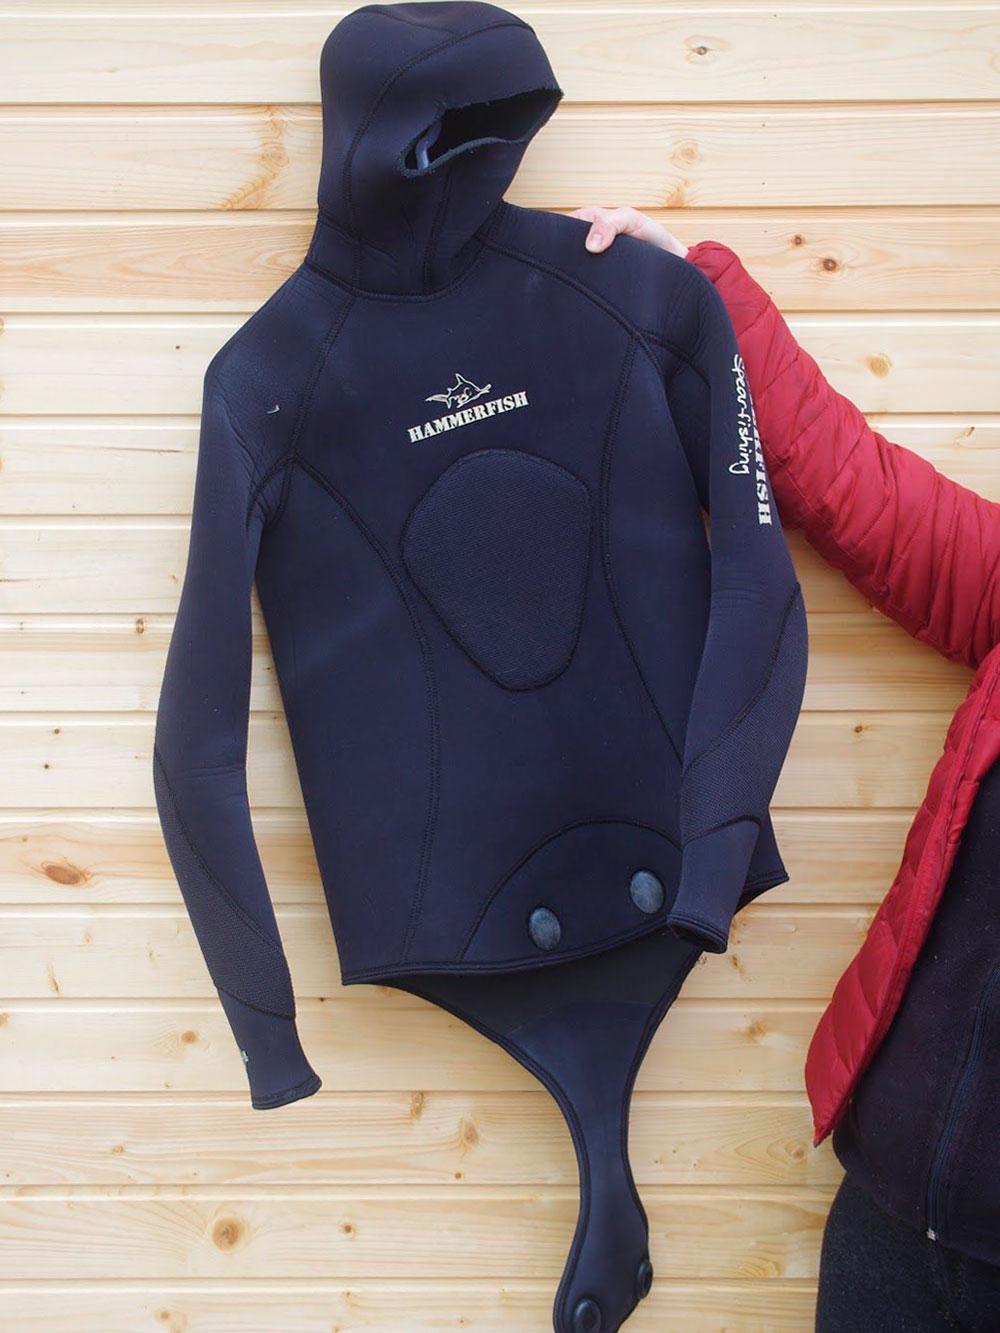 Гидрокостюм состоит из куртки и штанов. Штаны бывают простые, а бывают полукомбинезоном — так теплее. Если протрутся штаны, можно купить только их, а не весь костюм